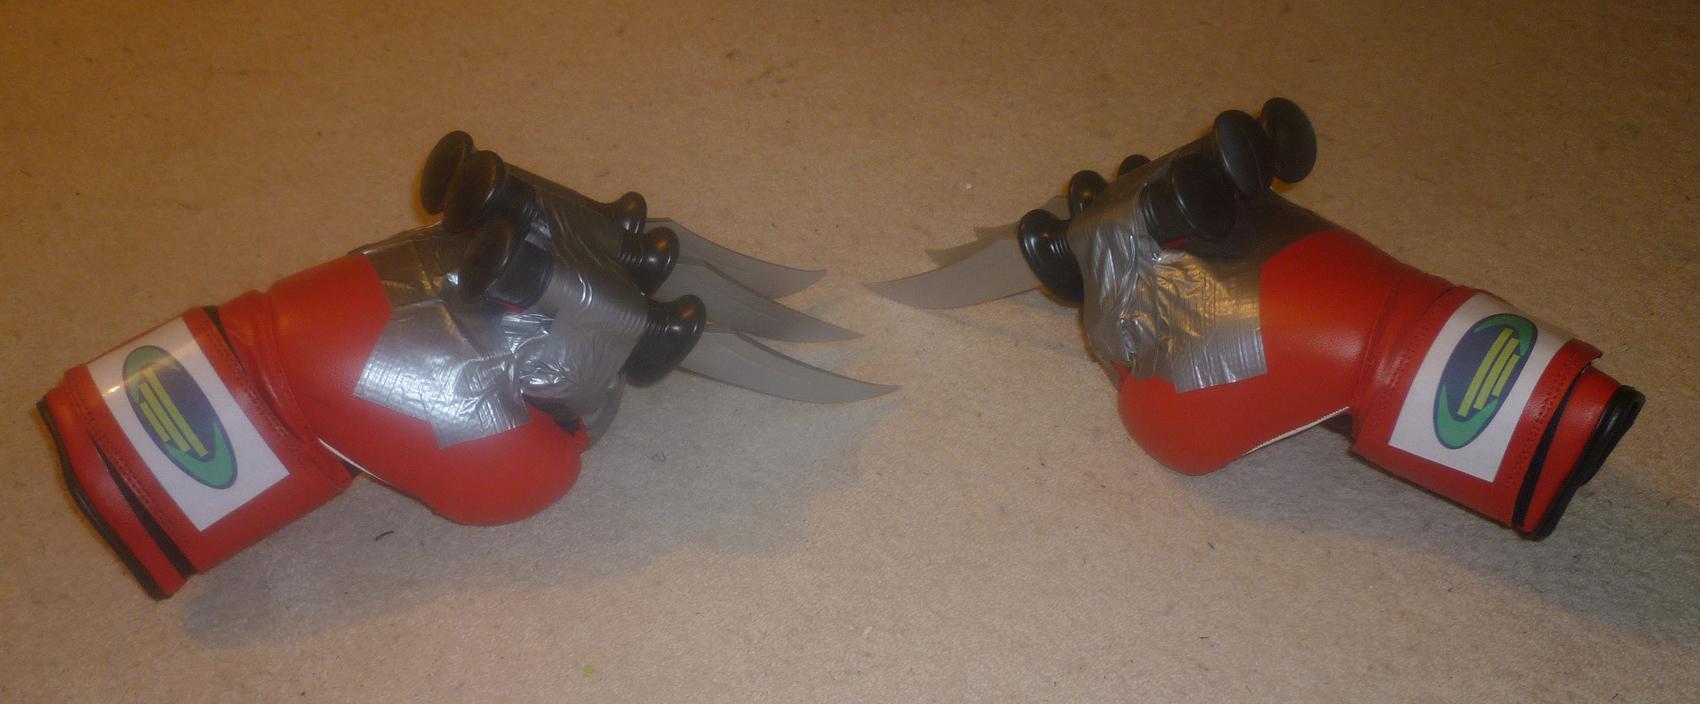 Knife Gloves by RedDevil00